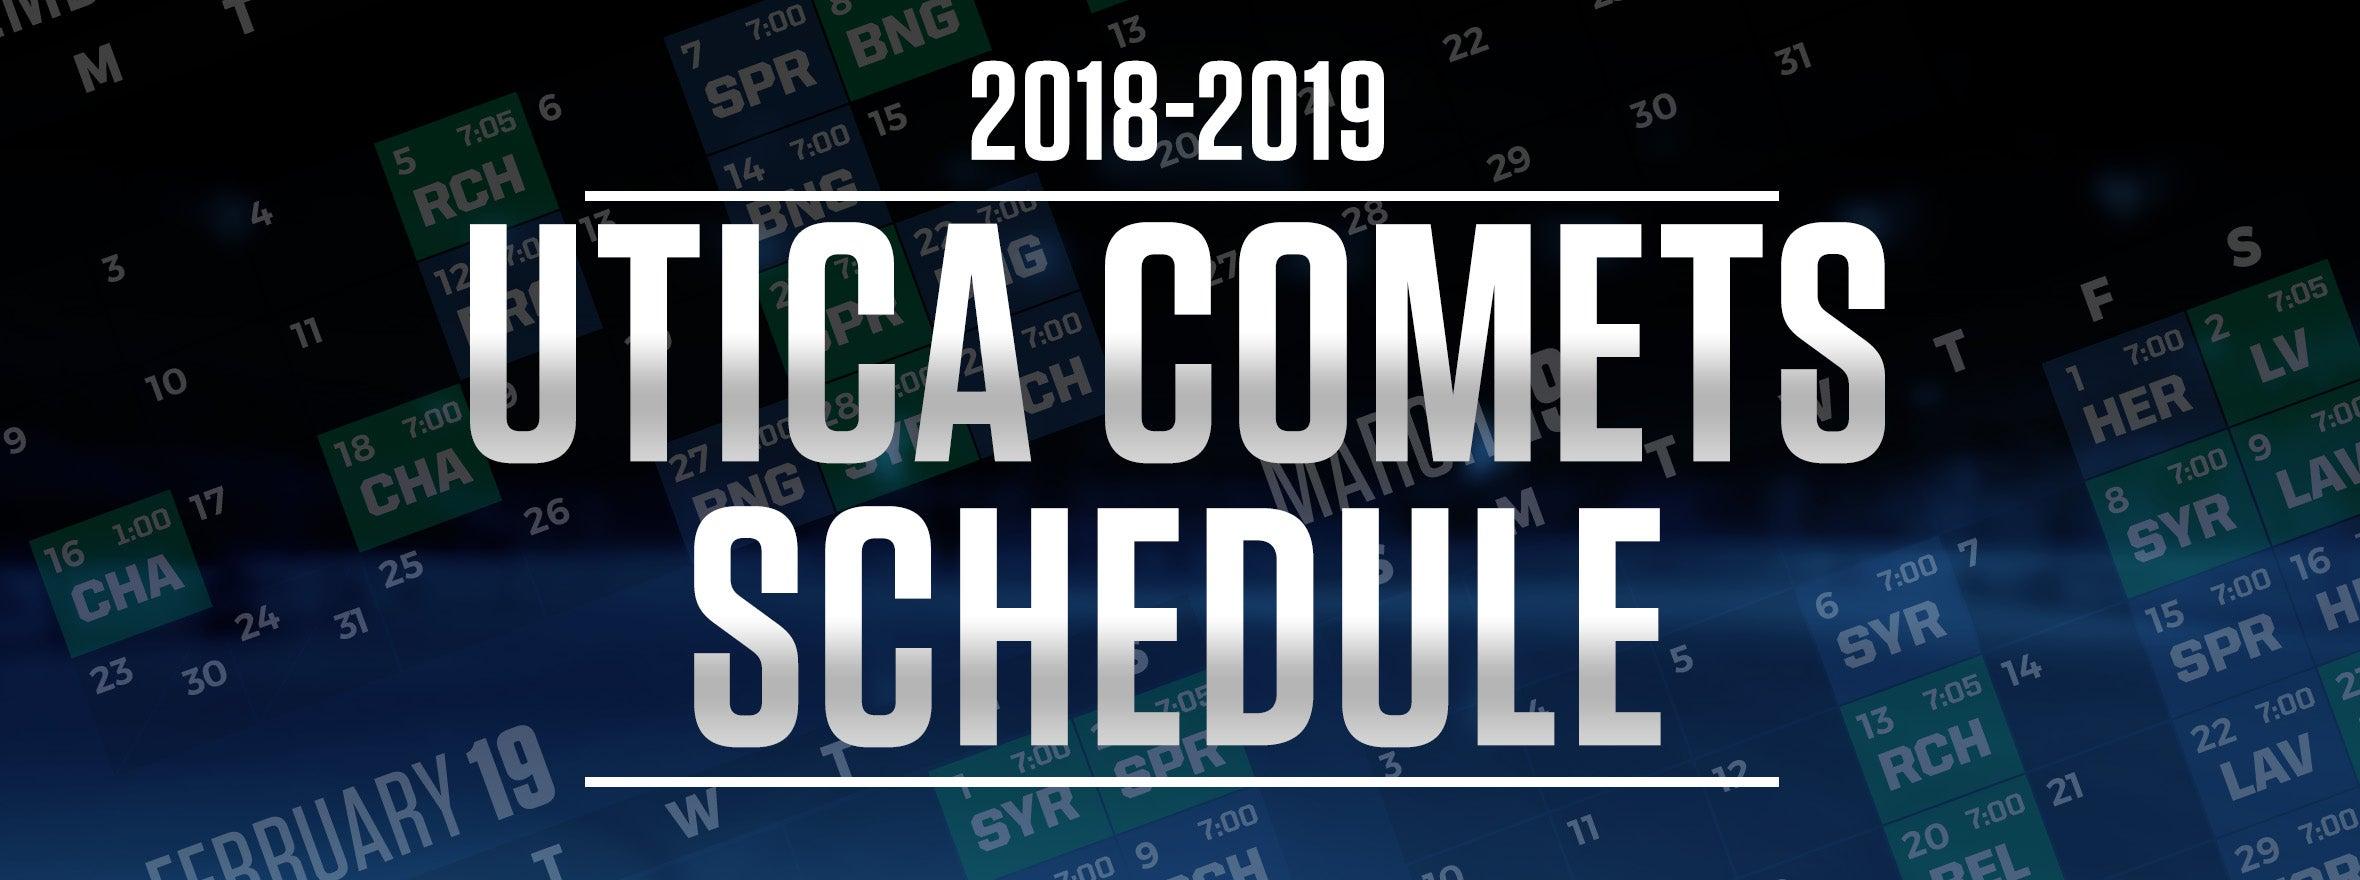 COMETS 2018-19 SCHEDULE RELEASED